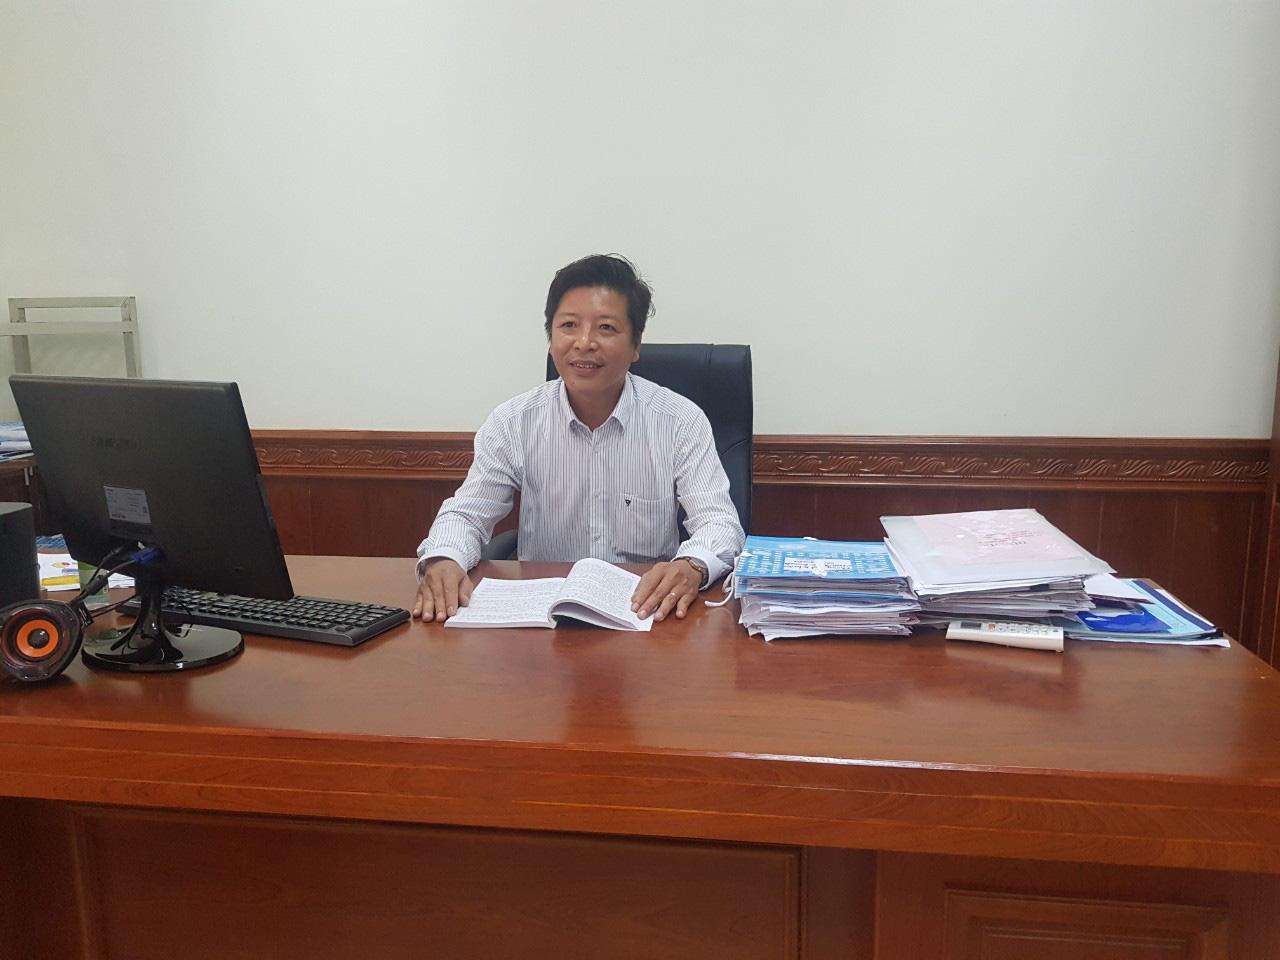 Quảng Nam: Nông thôn mới ở Nam Giang gắn với OCOP giúp khu vực miền núi đổi thay - Ảnh 2.